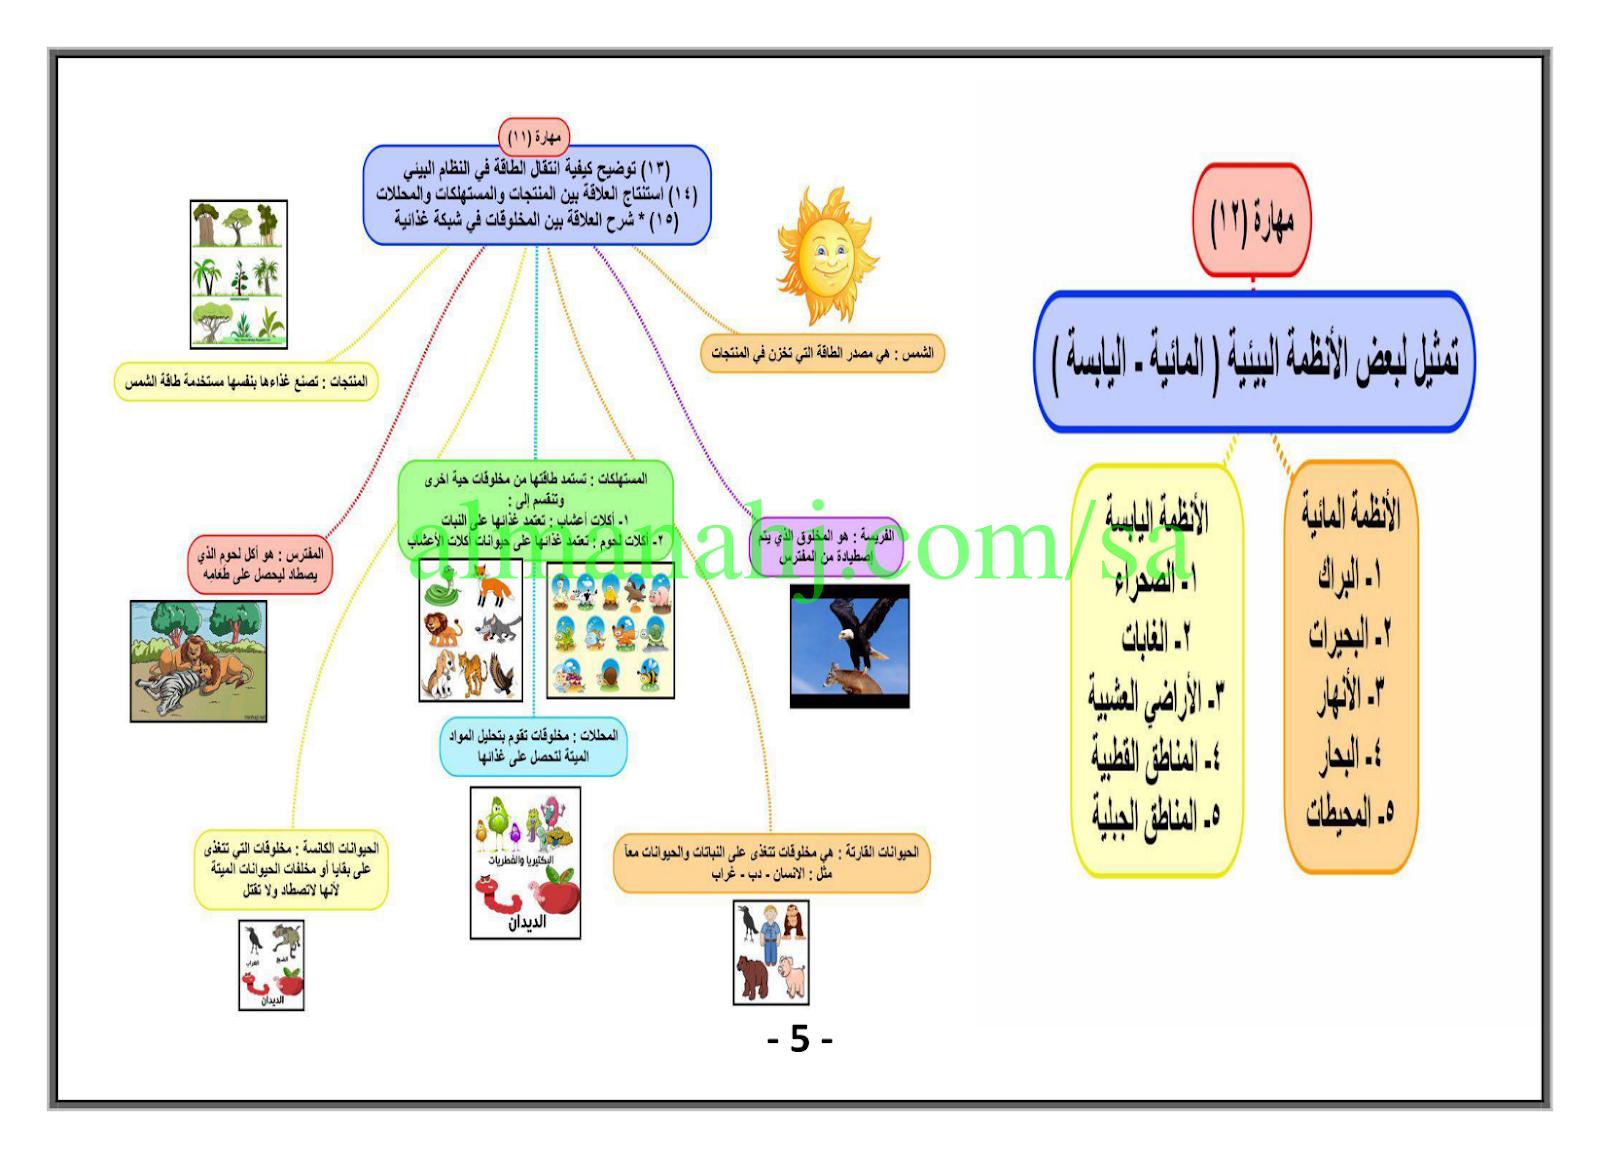 ملخص مهارات الصف الرابع علوم الفصل الأول المناهج السعودية